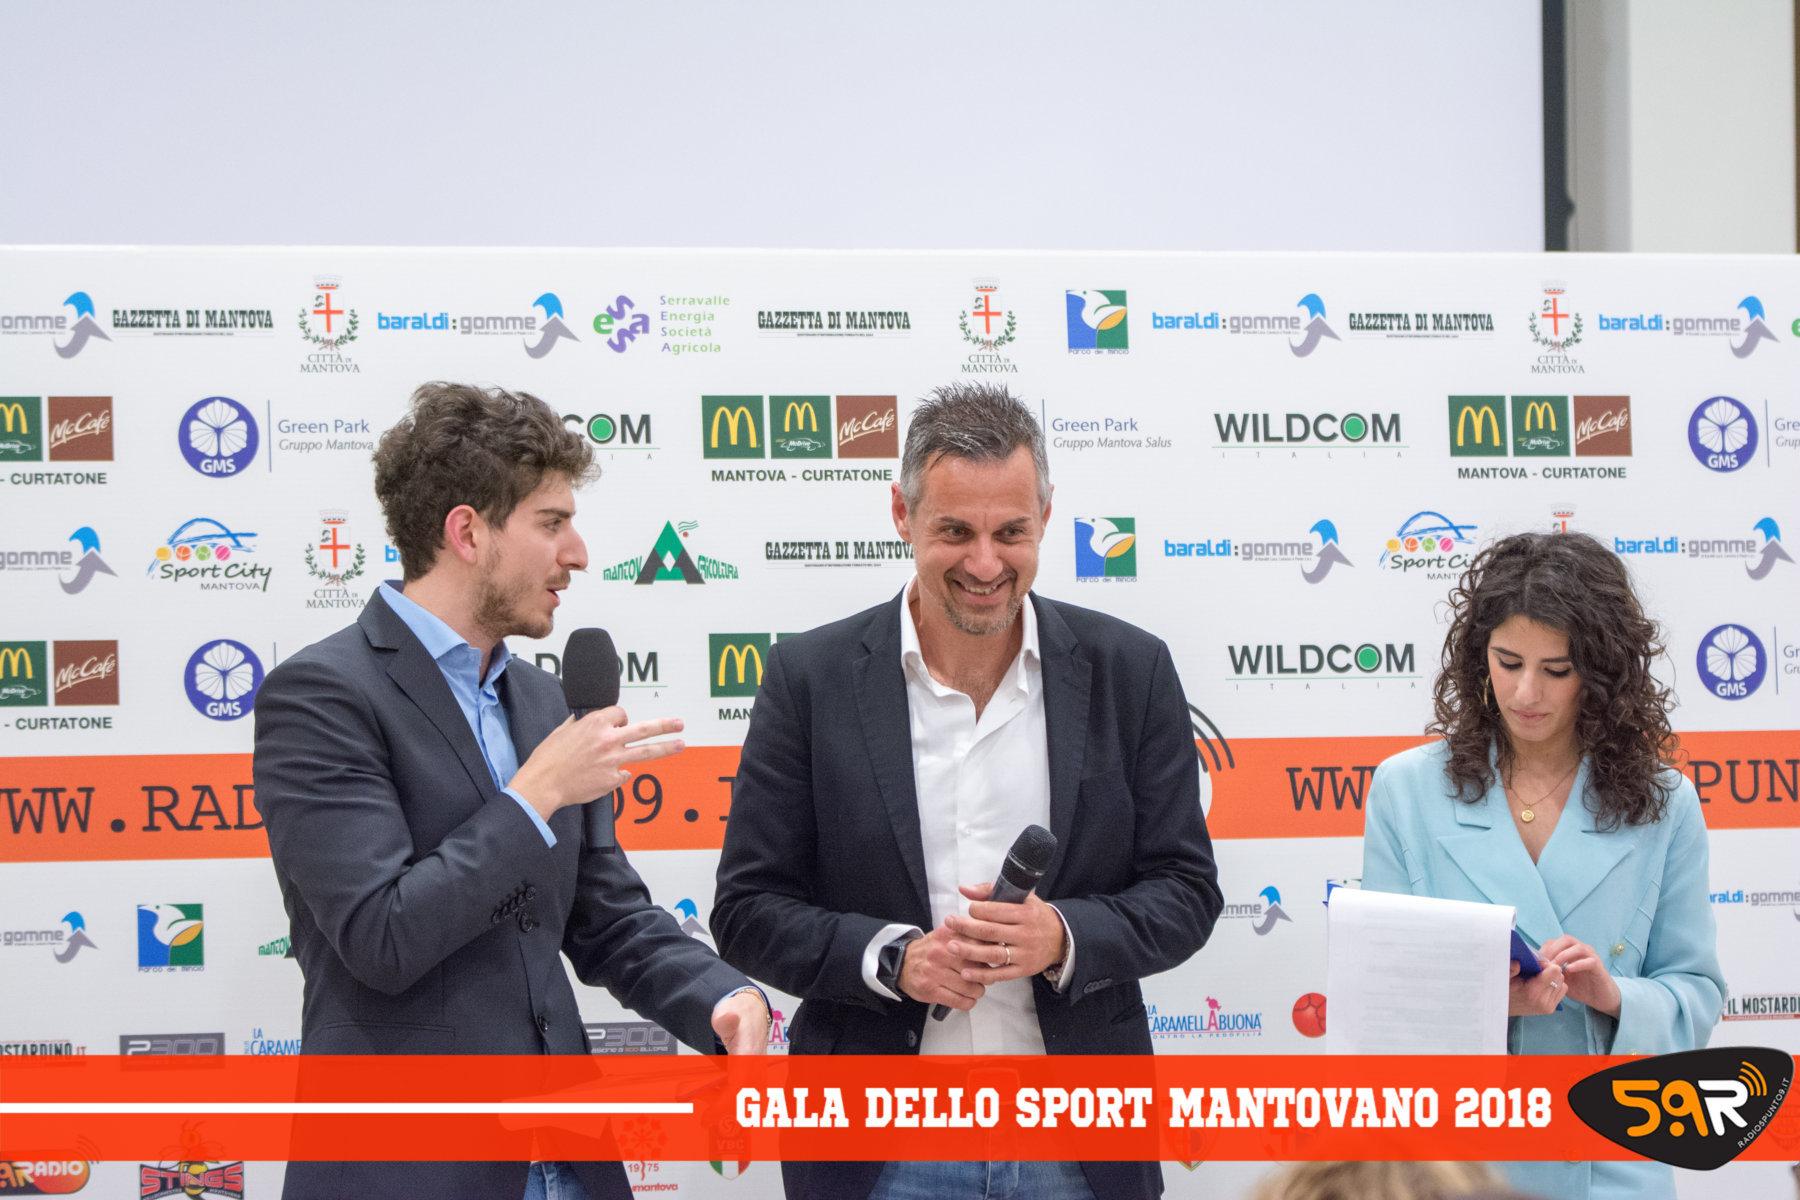 Gala dello Sport Mantovano 2018 Web Radio 5 (118)